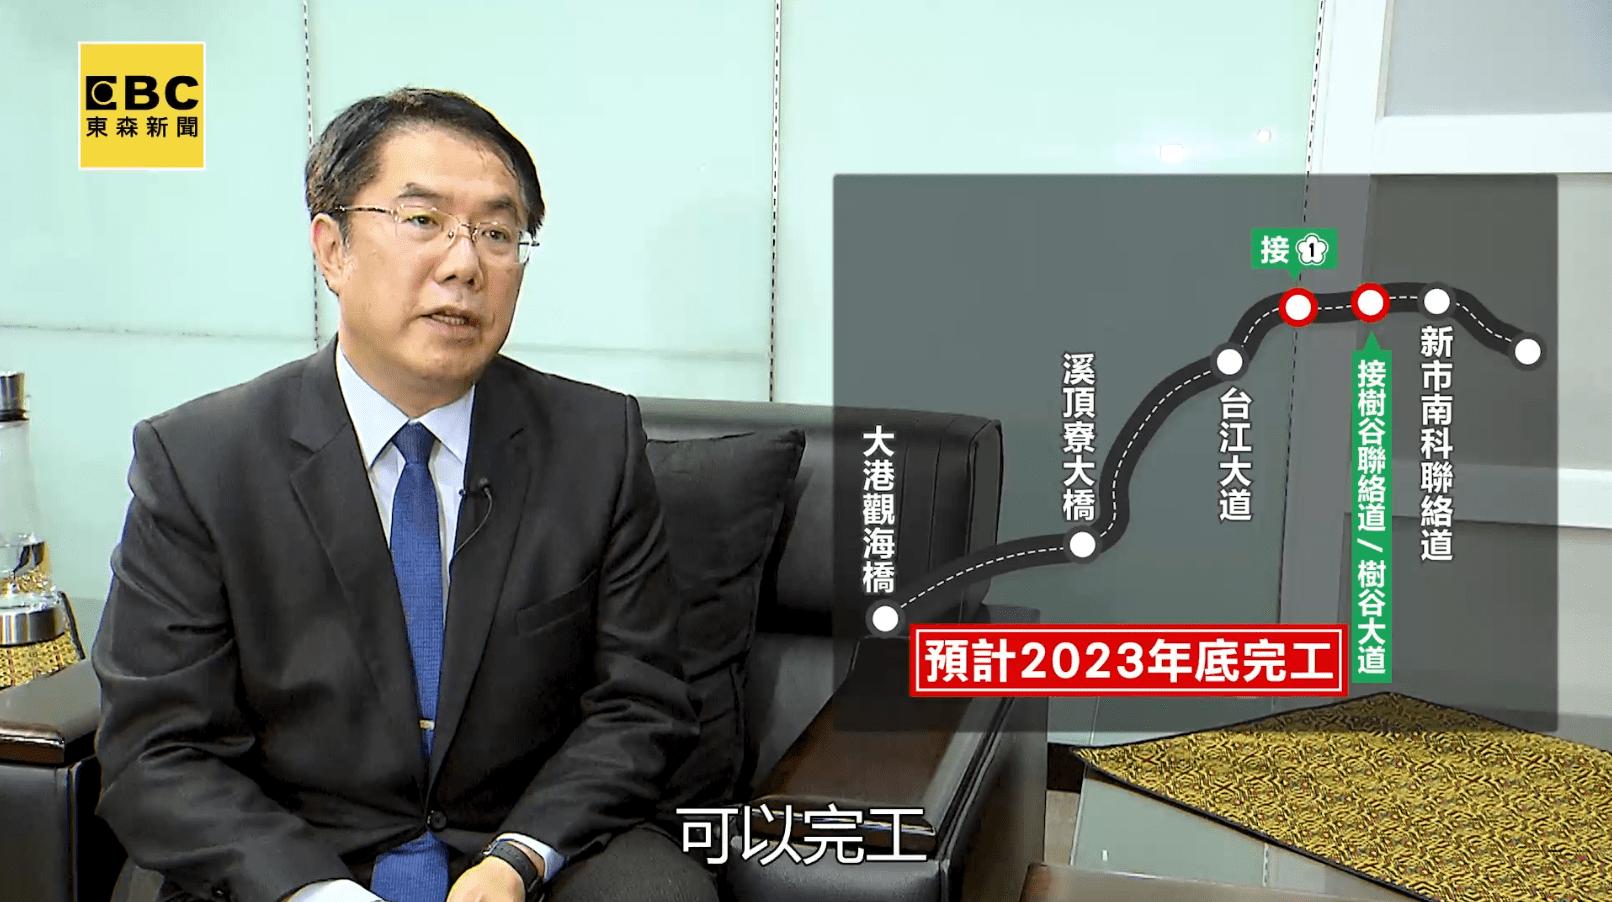 台南市長黃偉哲認為北外環的建置能增加工程師生活便利。